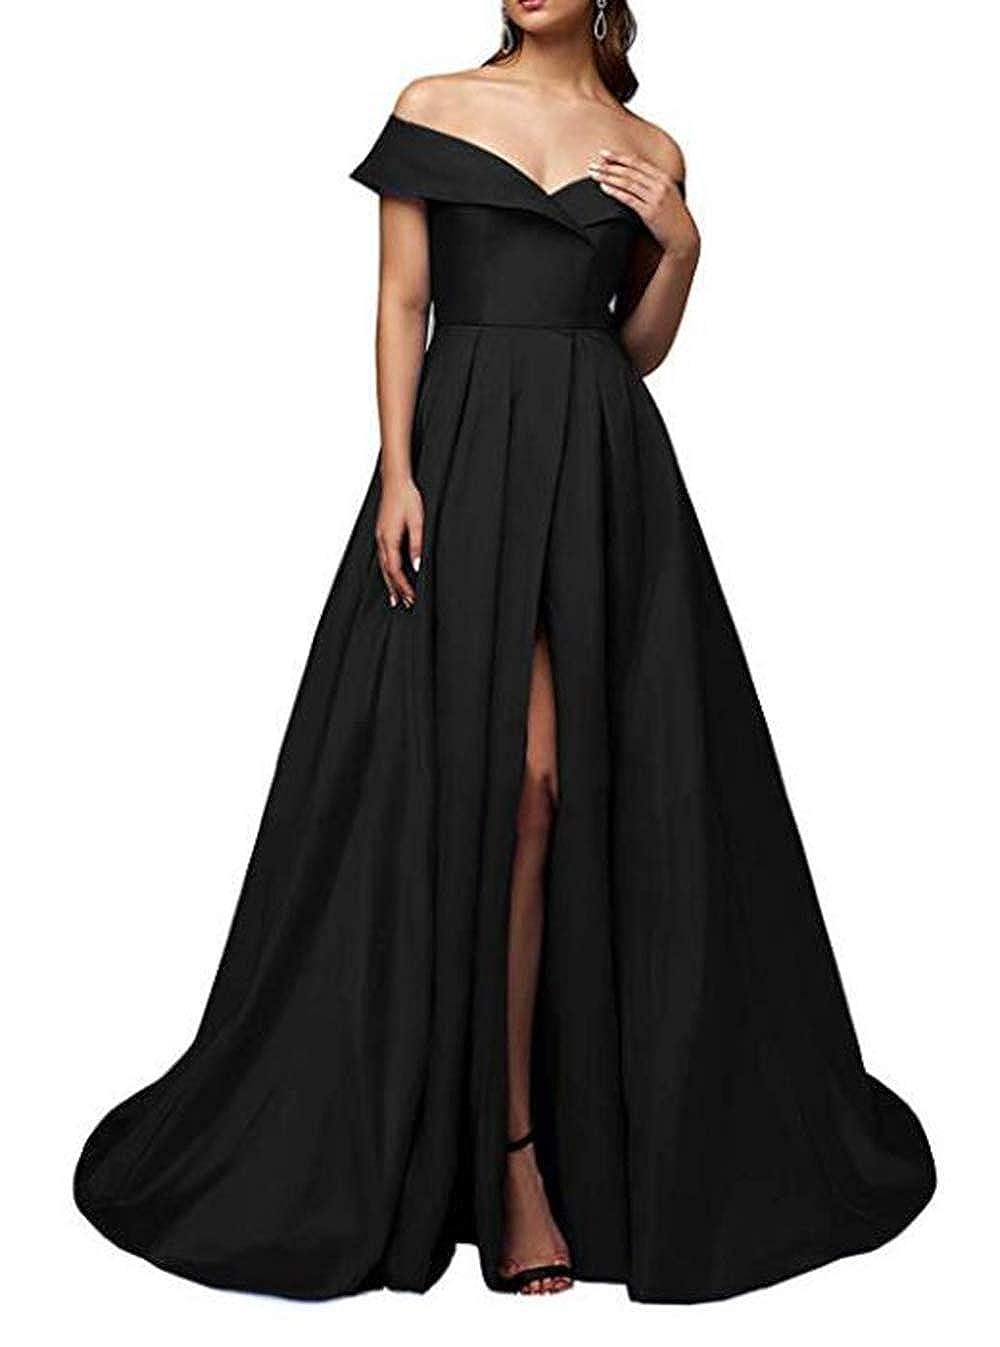 dfcb376774def alilith.Z Sexy High Split Prom Dresses Off Shoulder Long Formal ...